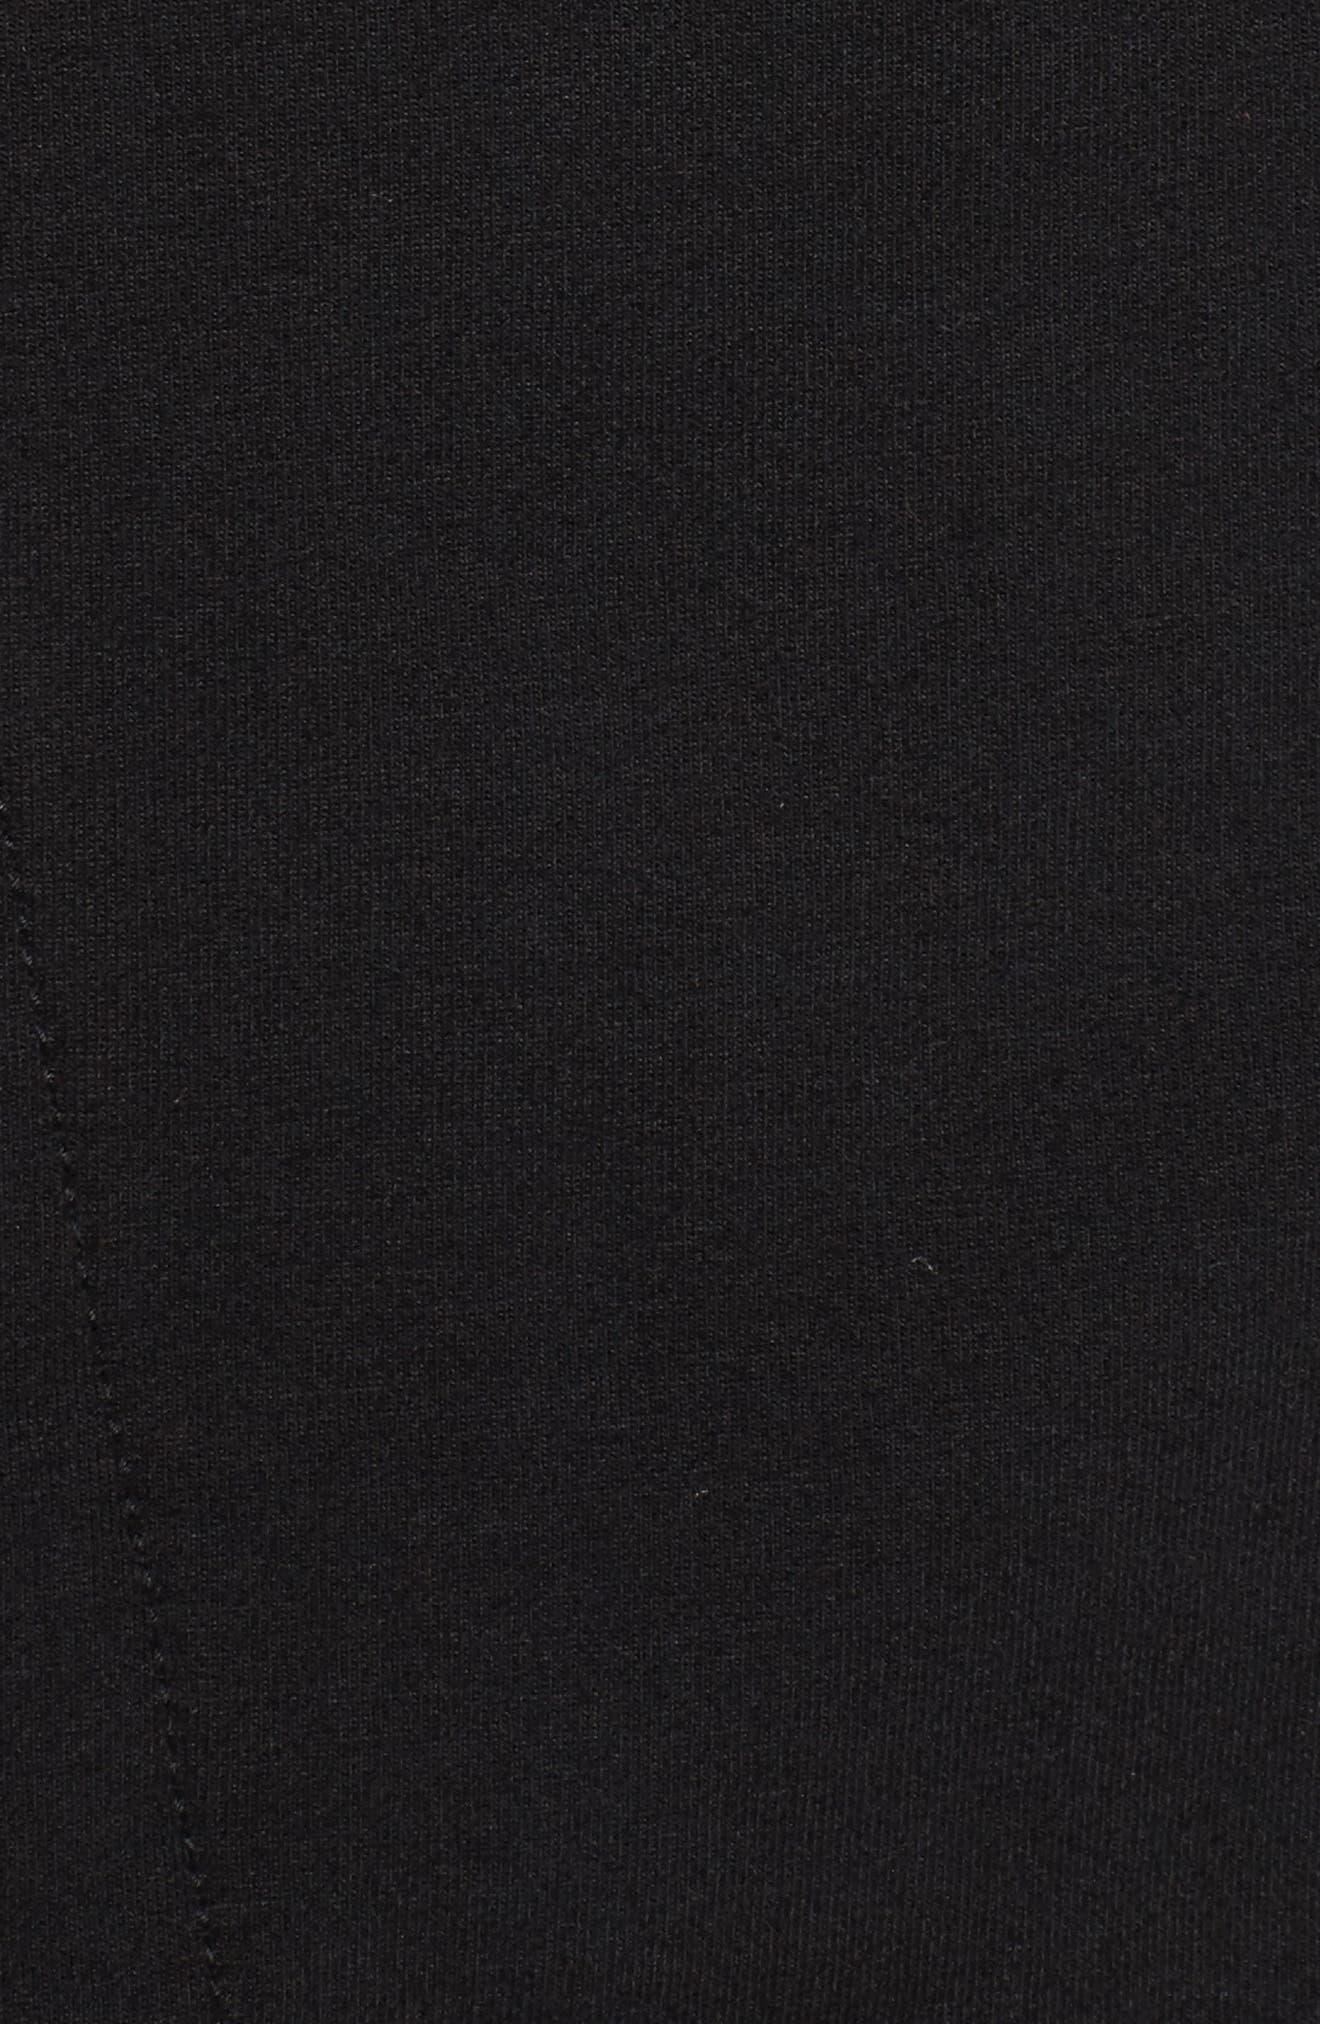 Lace-Up Sweatshirt,                             Alternate thumbnail 5, color,                             Black